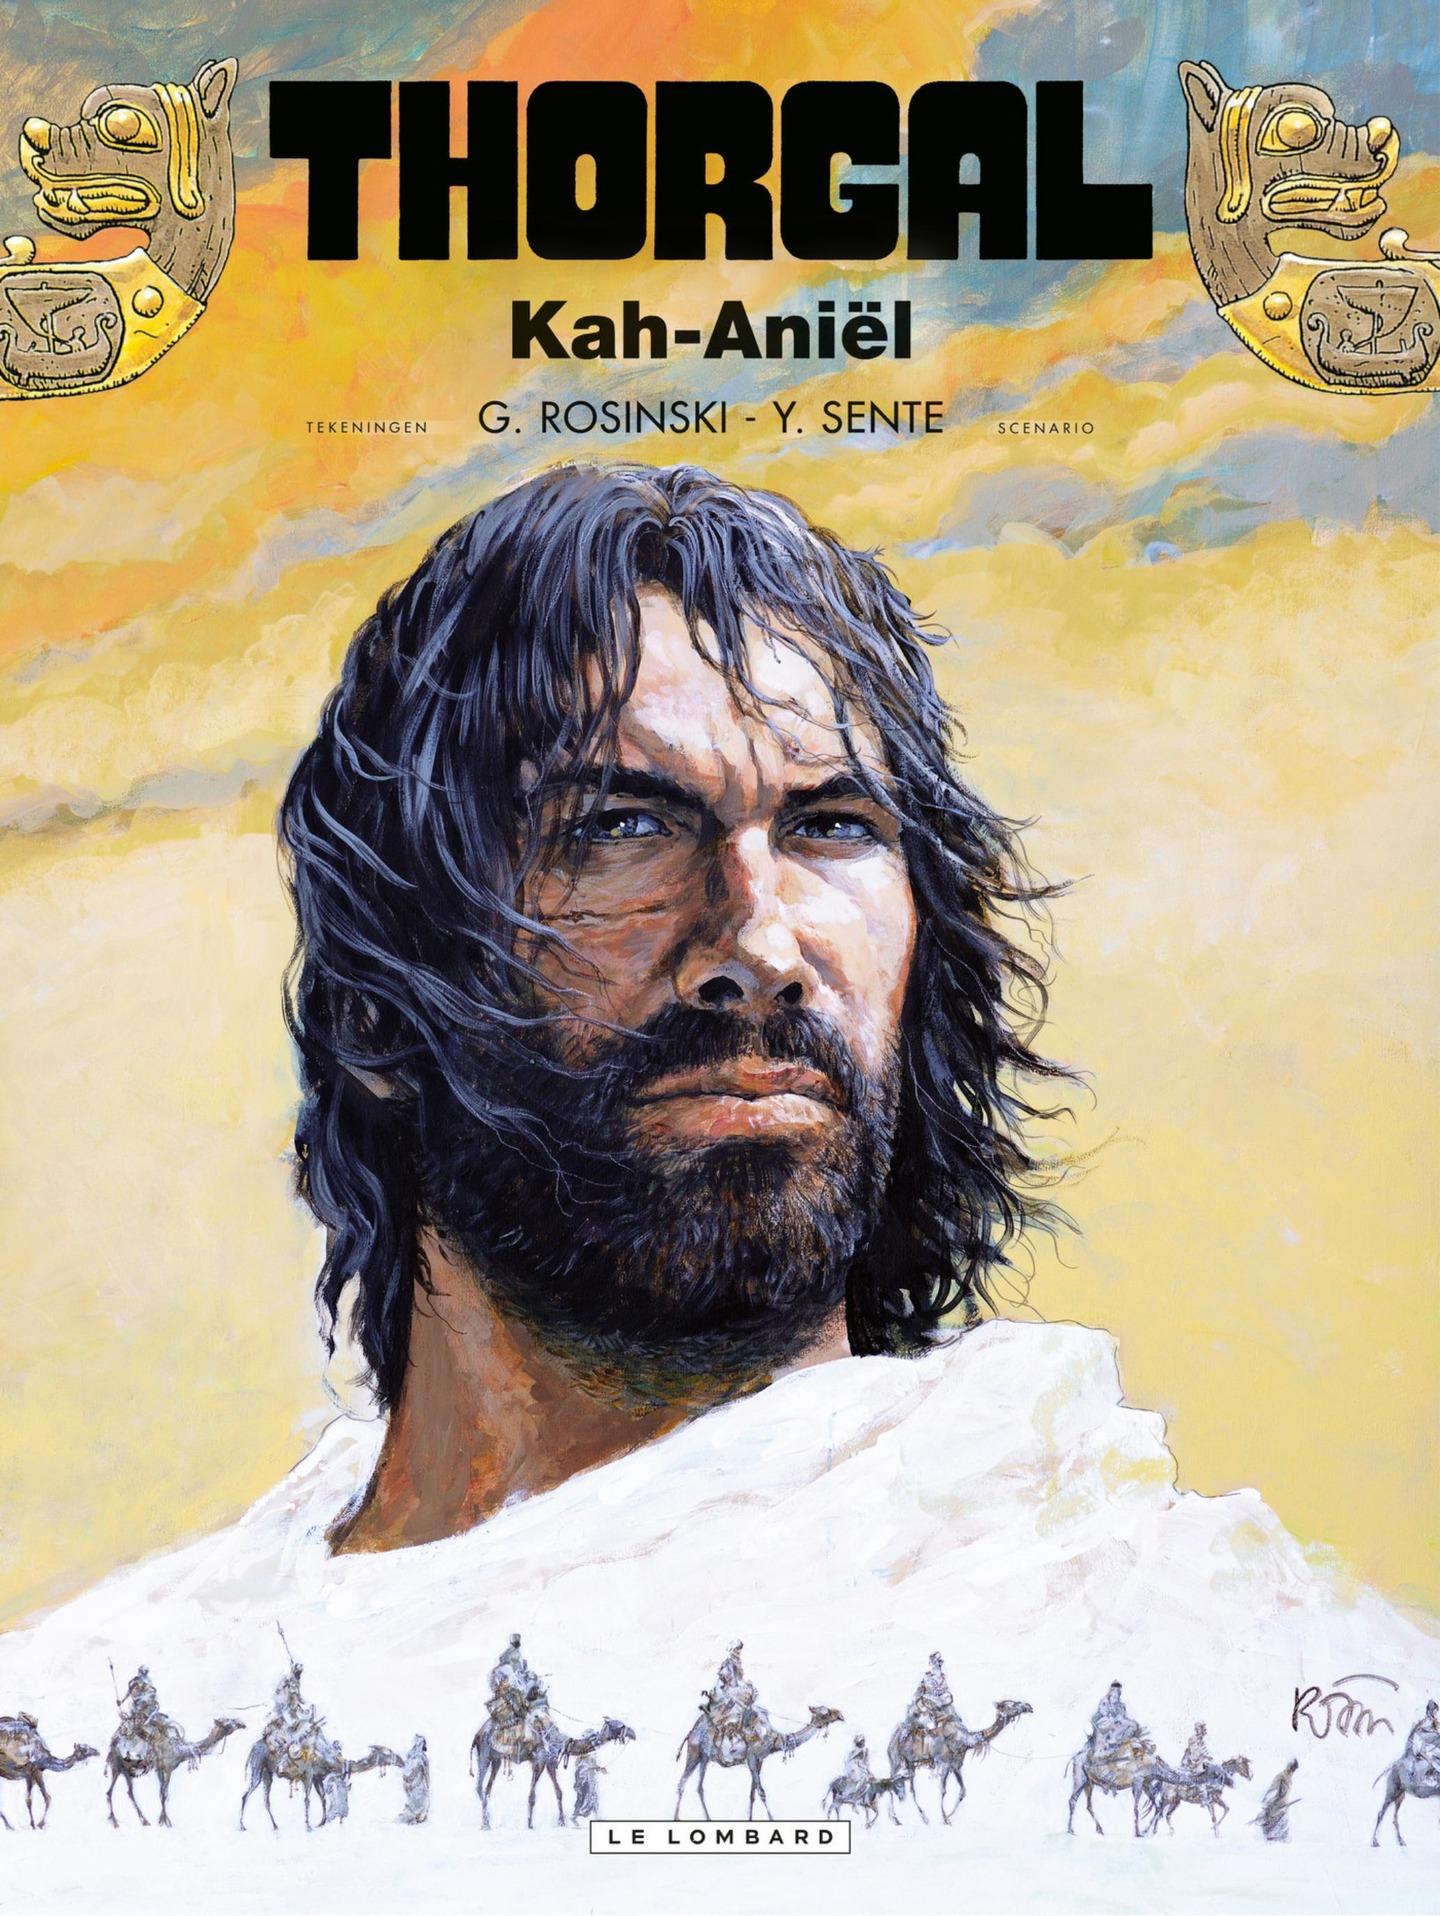 Kah-Aniël